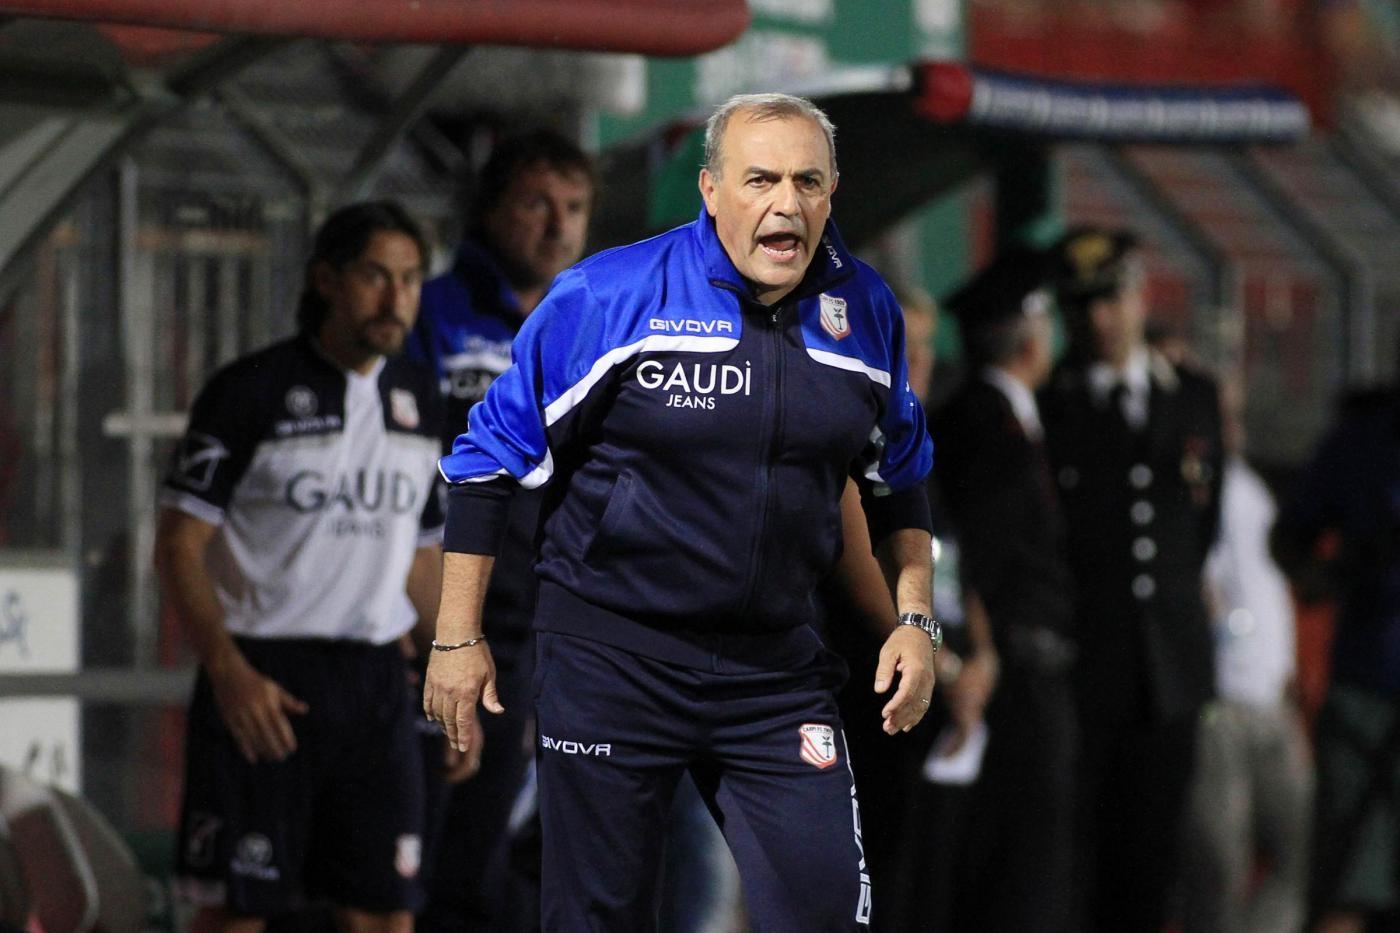 Serie B, il Carpi si sblocca in casa: battuto l'Entella 2-1